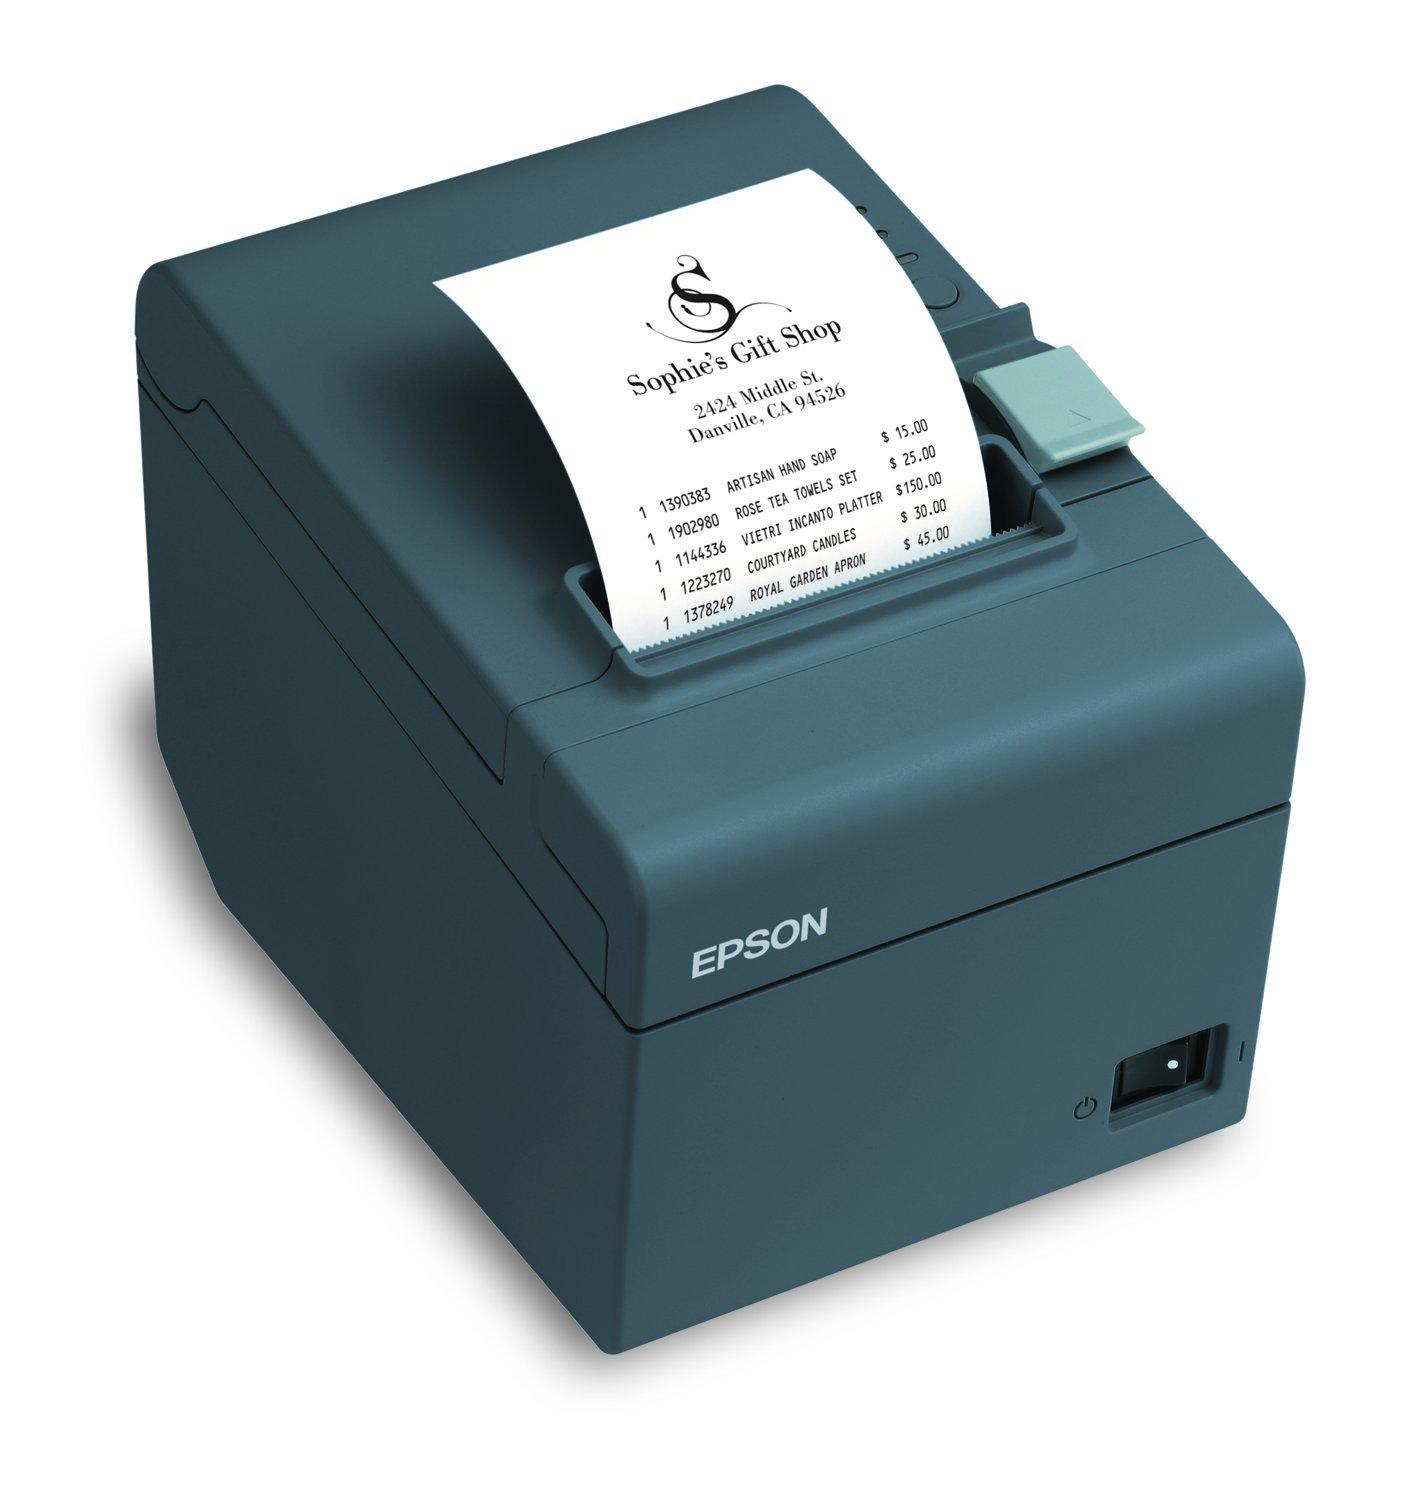 EPSON, TM-T20II, MPOS, EDG, USB INTERFACE by Epson